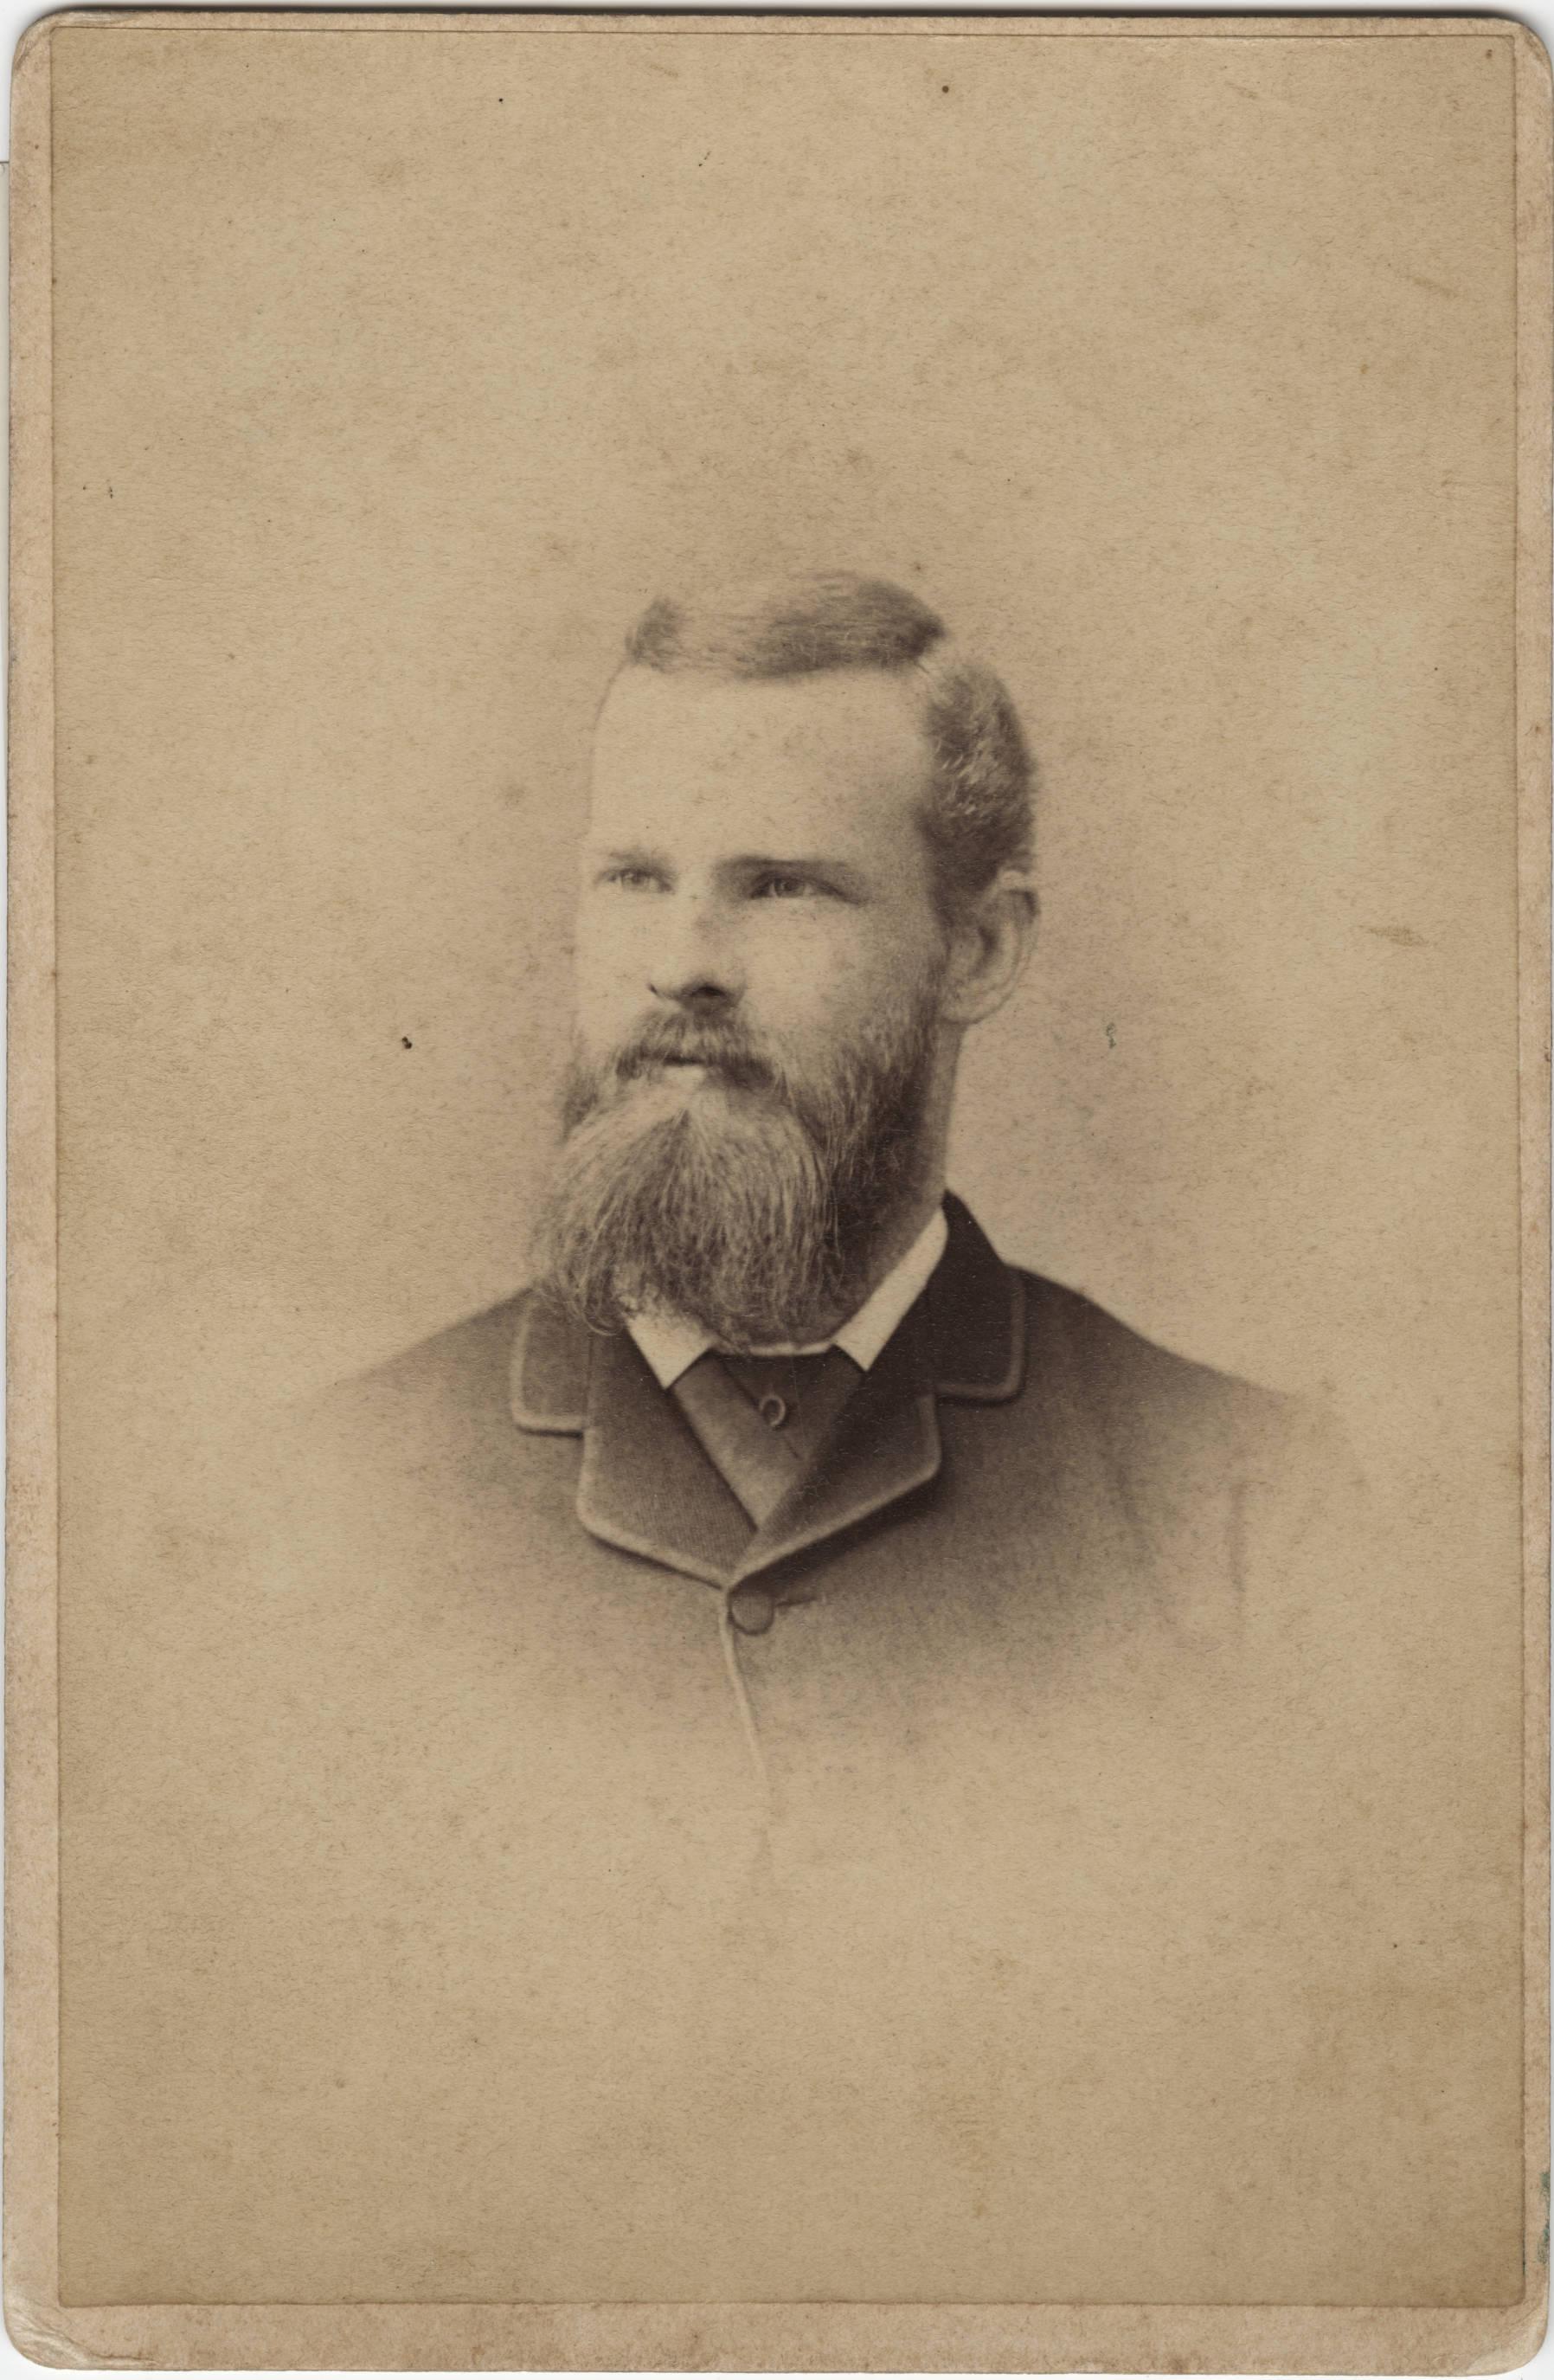 William Battle Phillips